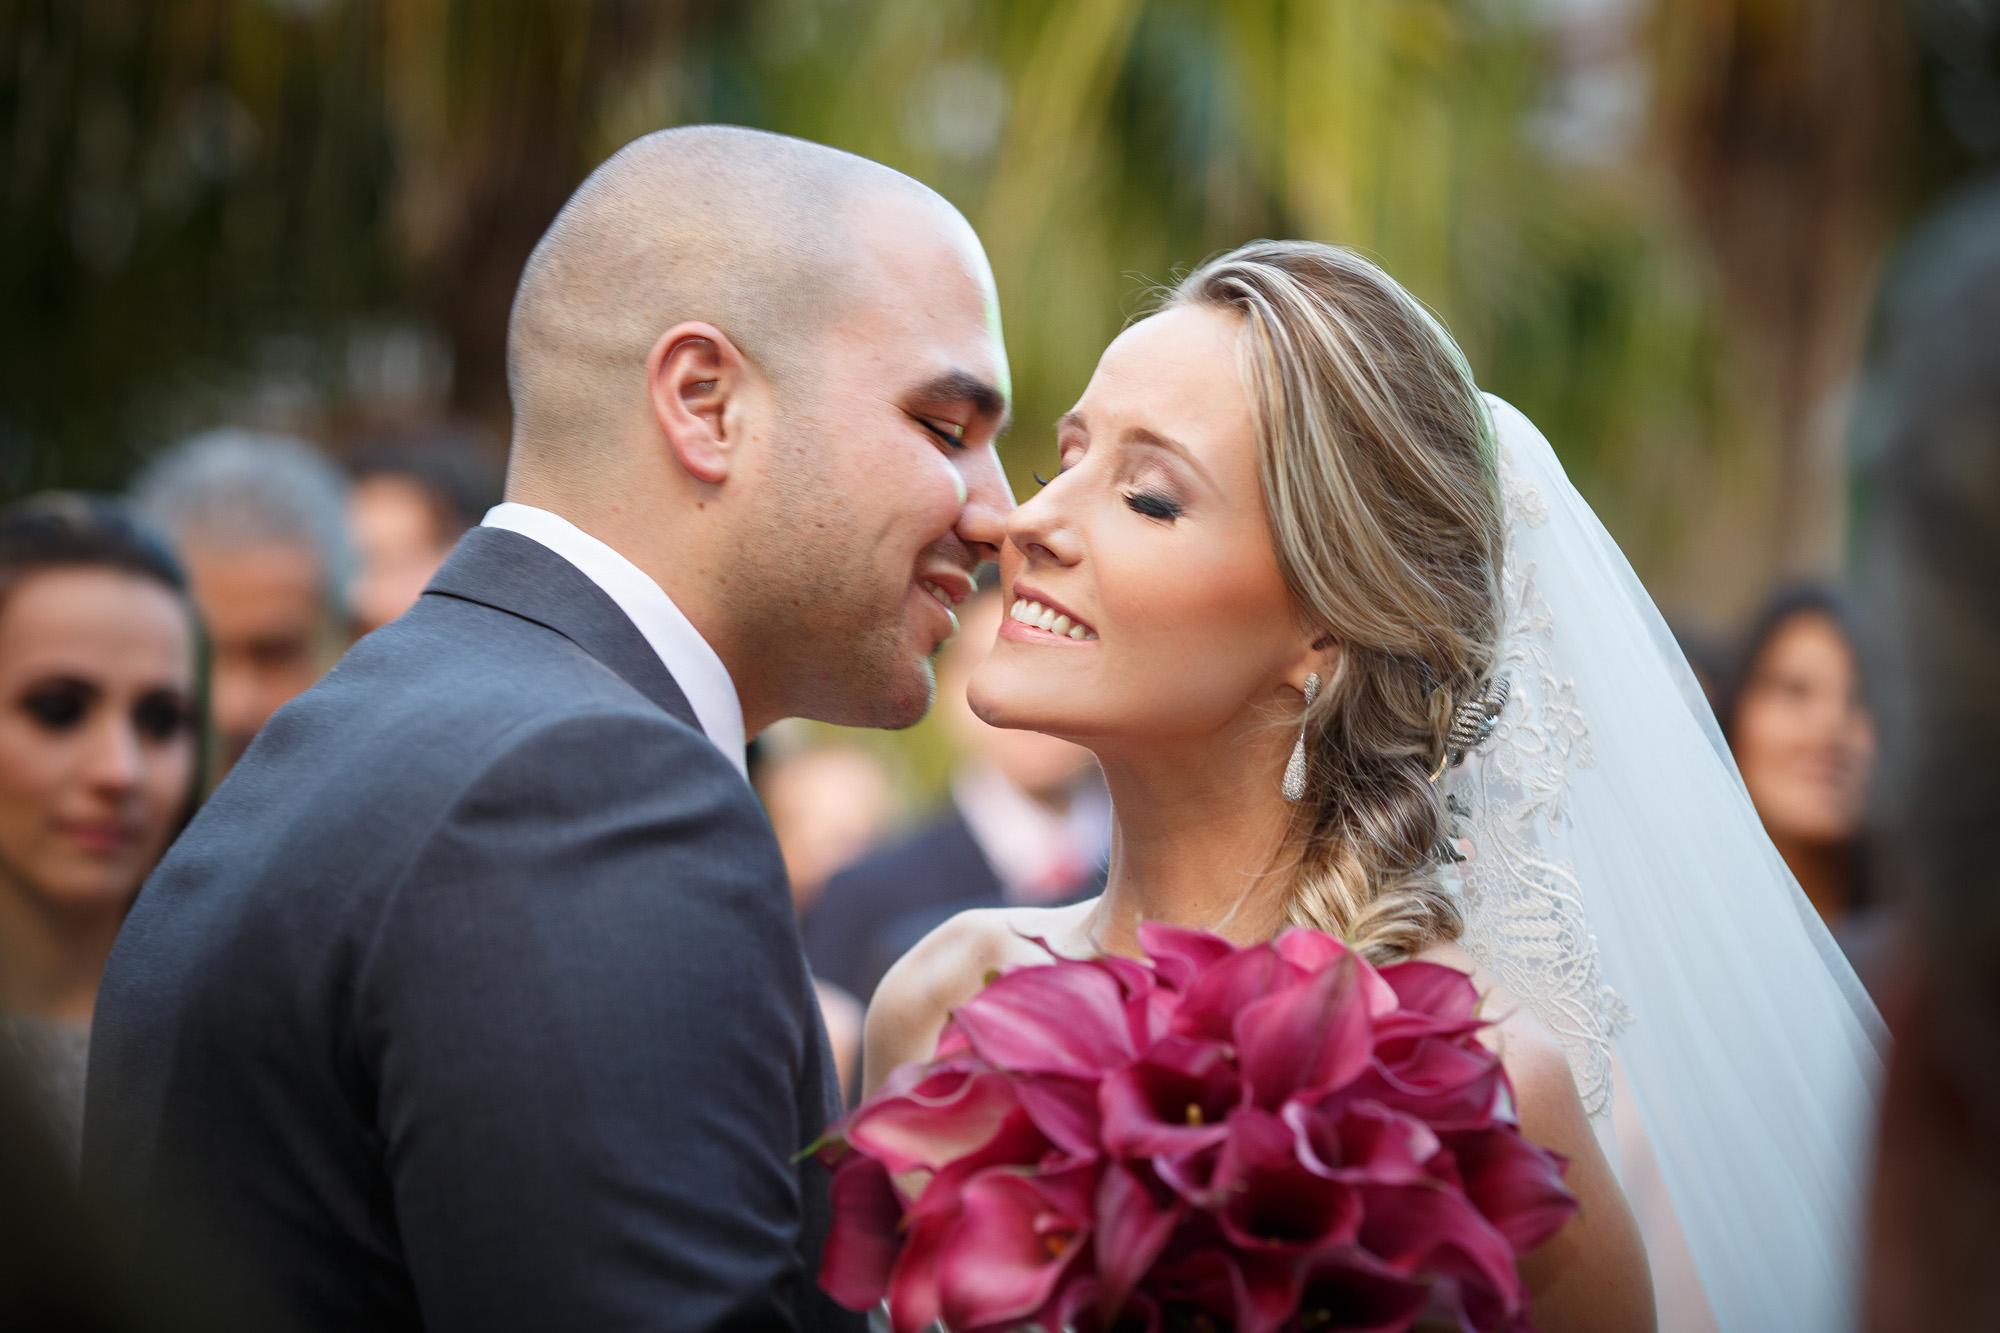 5_Fotograma_Fotografia de casamento